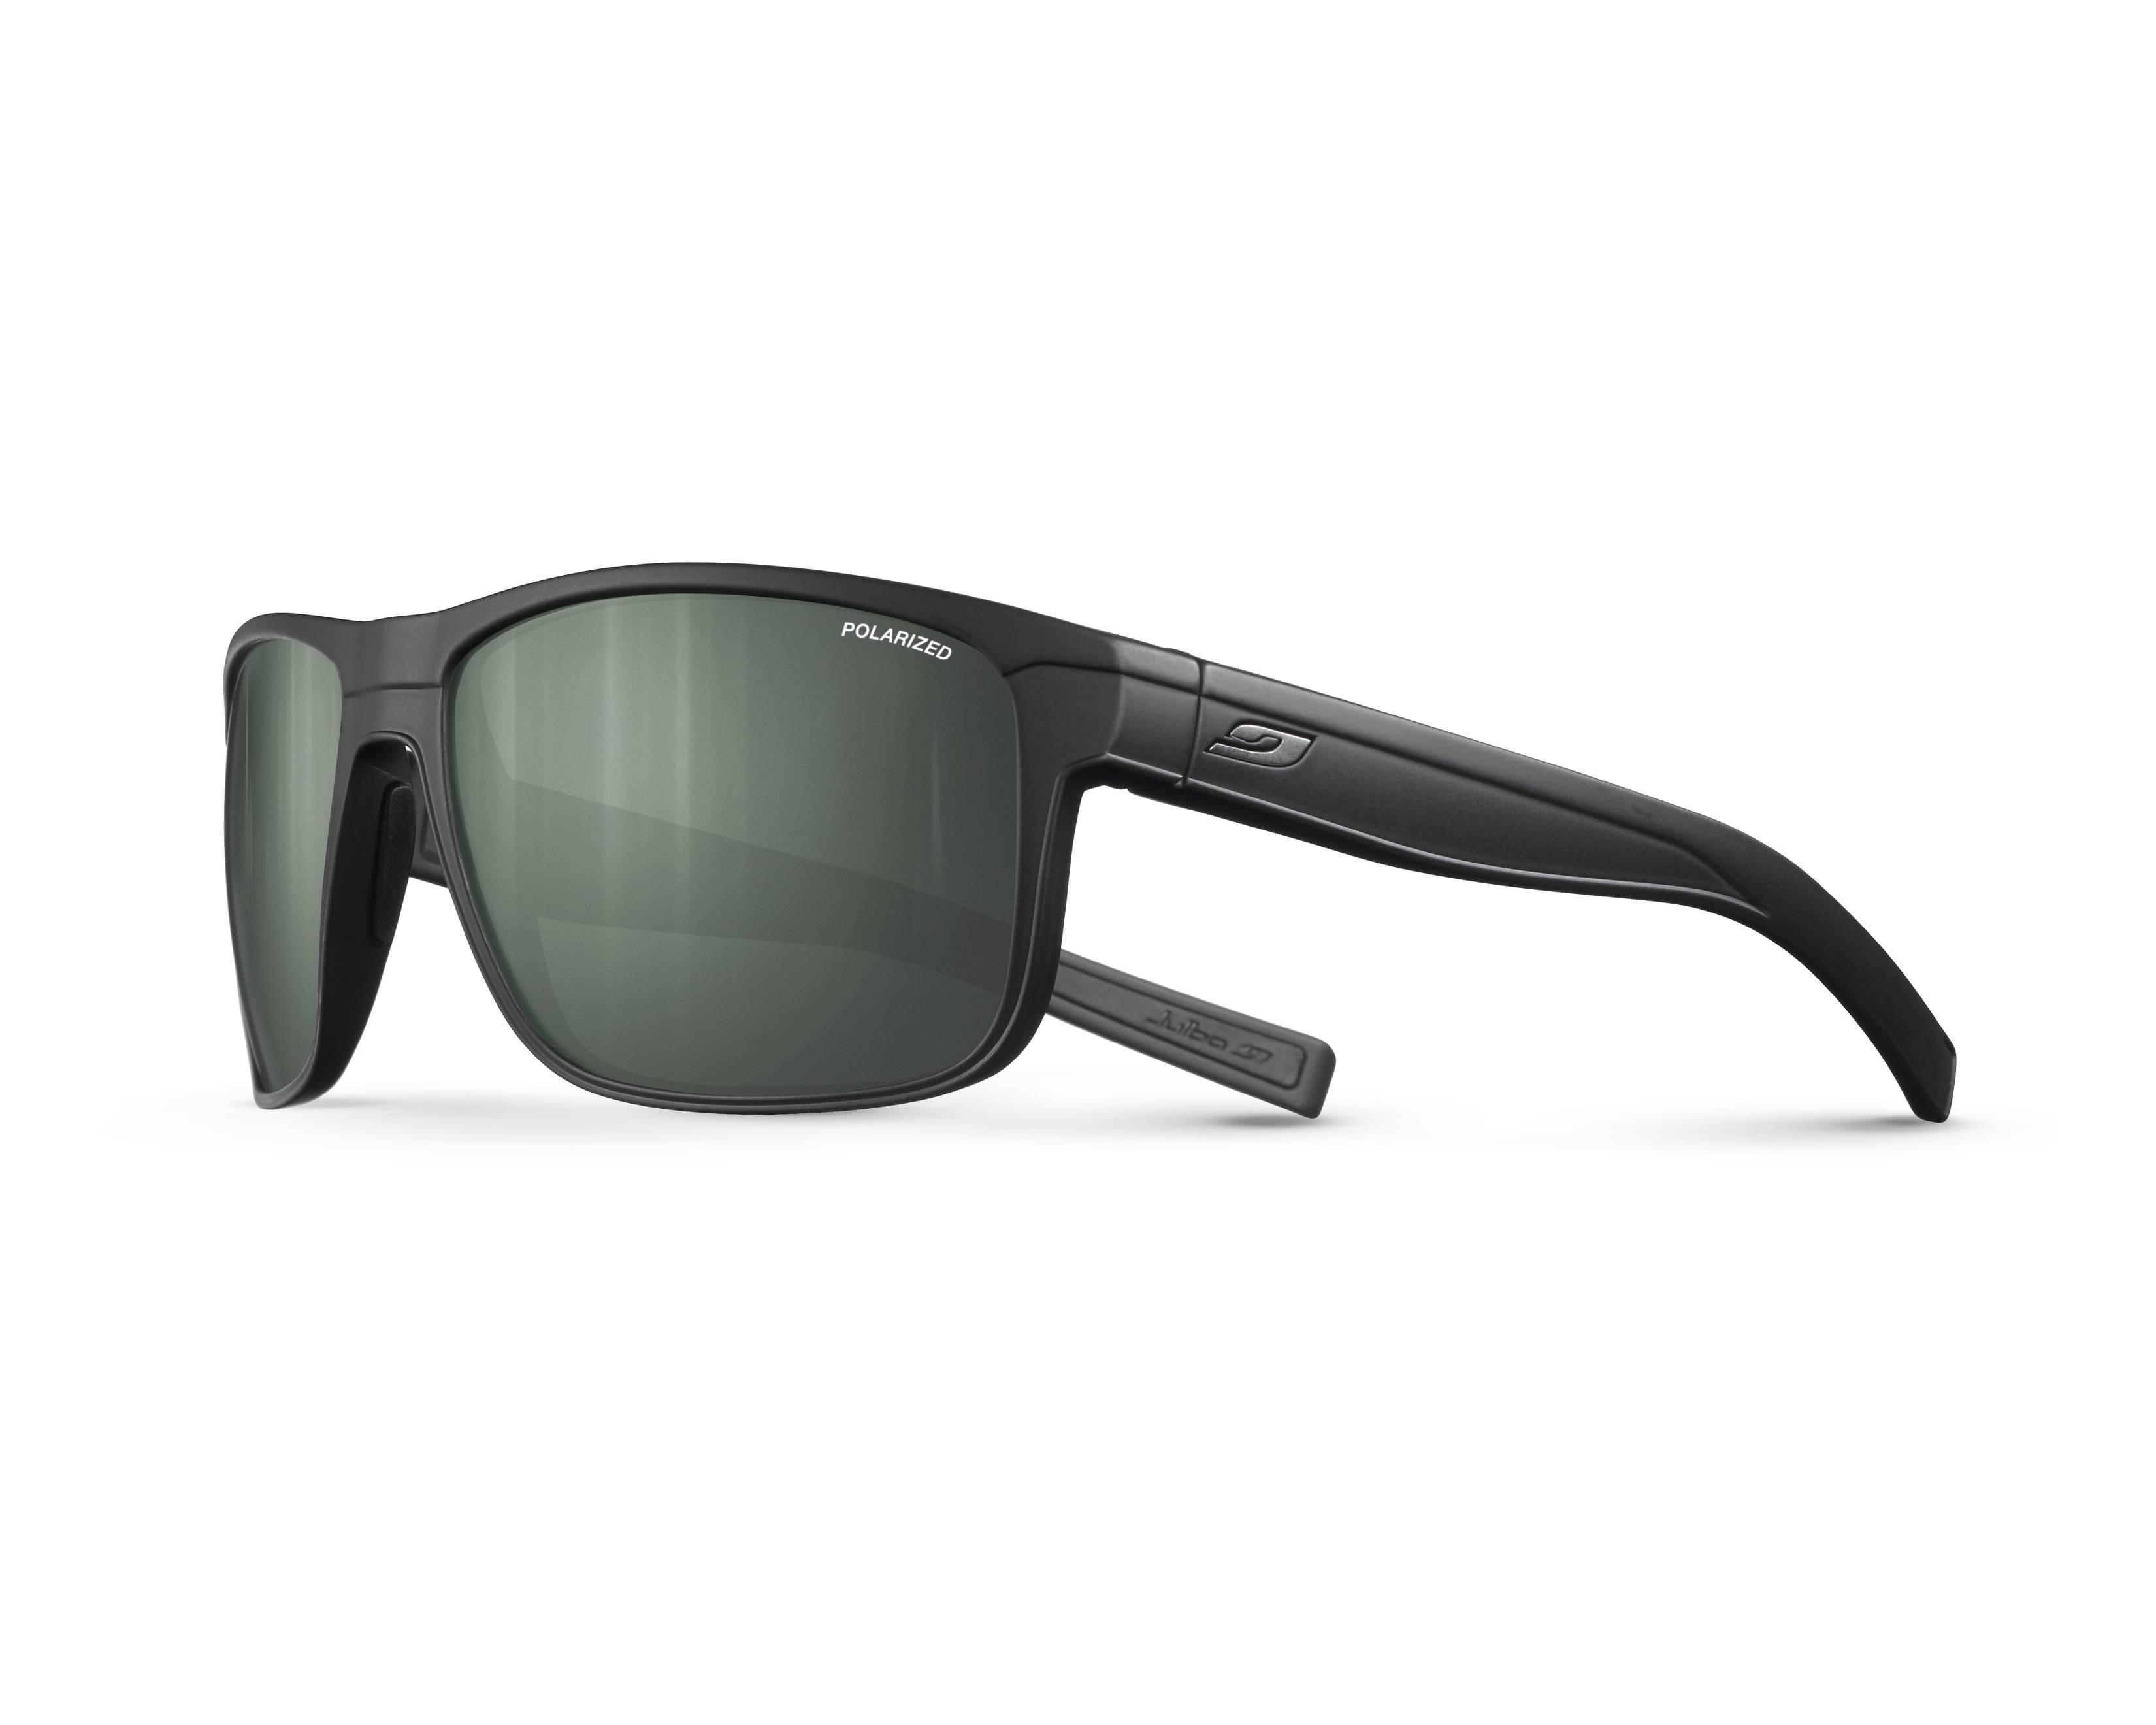 b501fadfc1e Sunglasses Julbo J499 9023 61-17 Black profile view